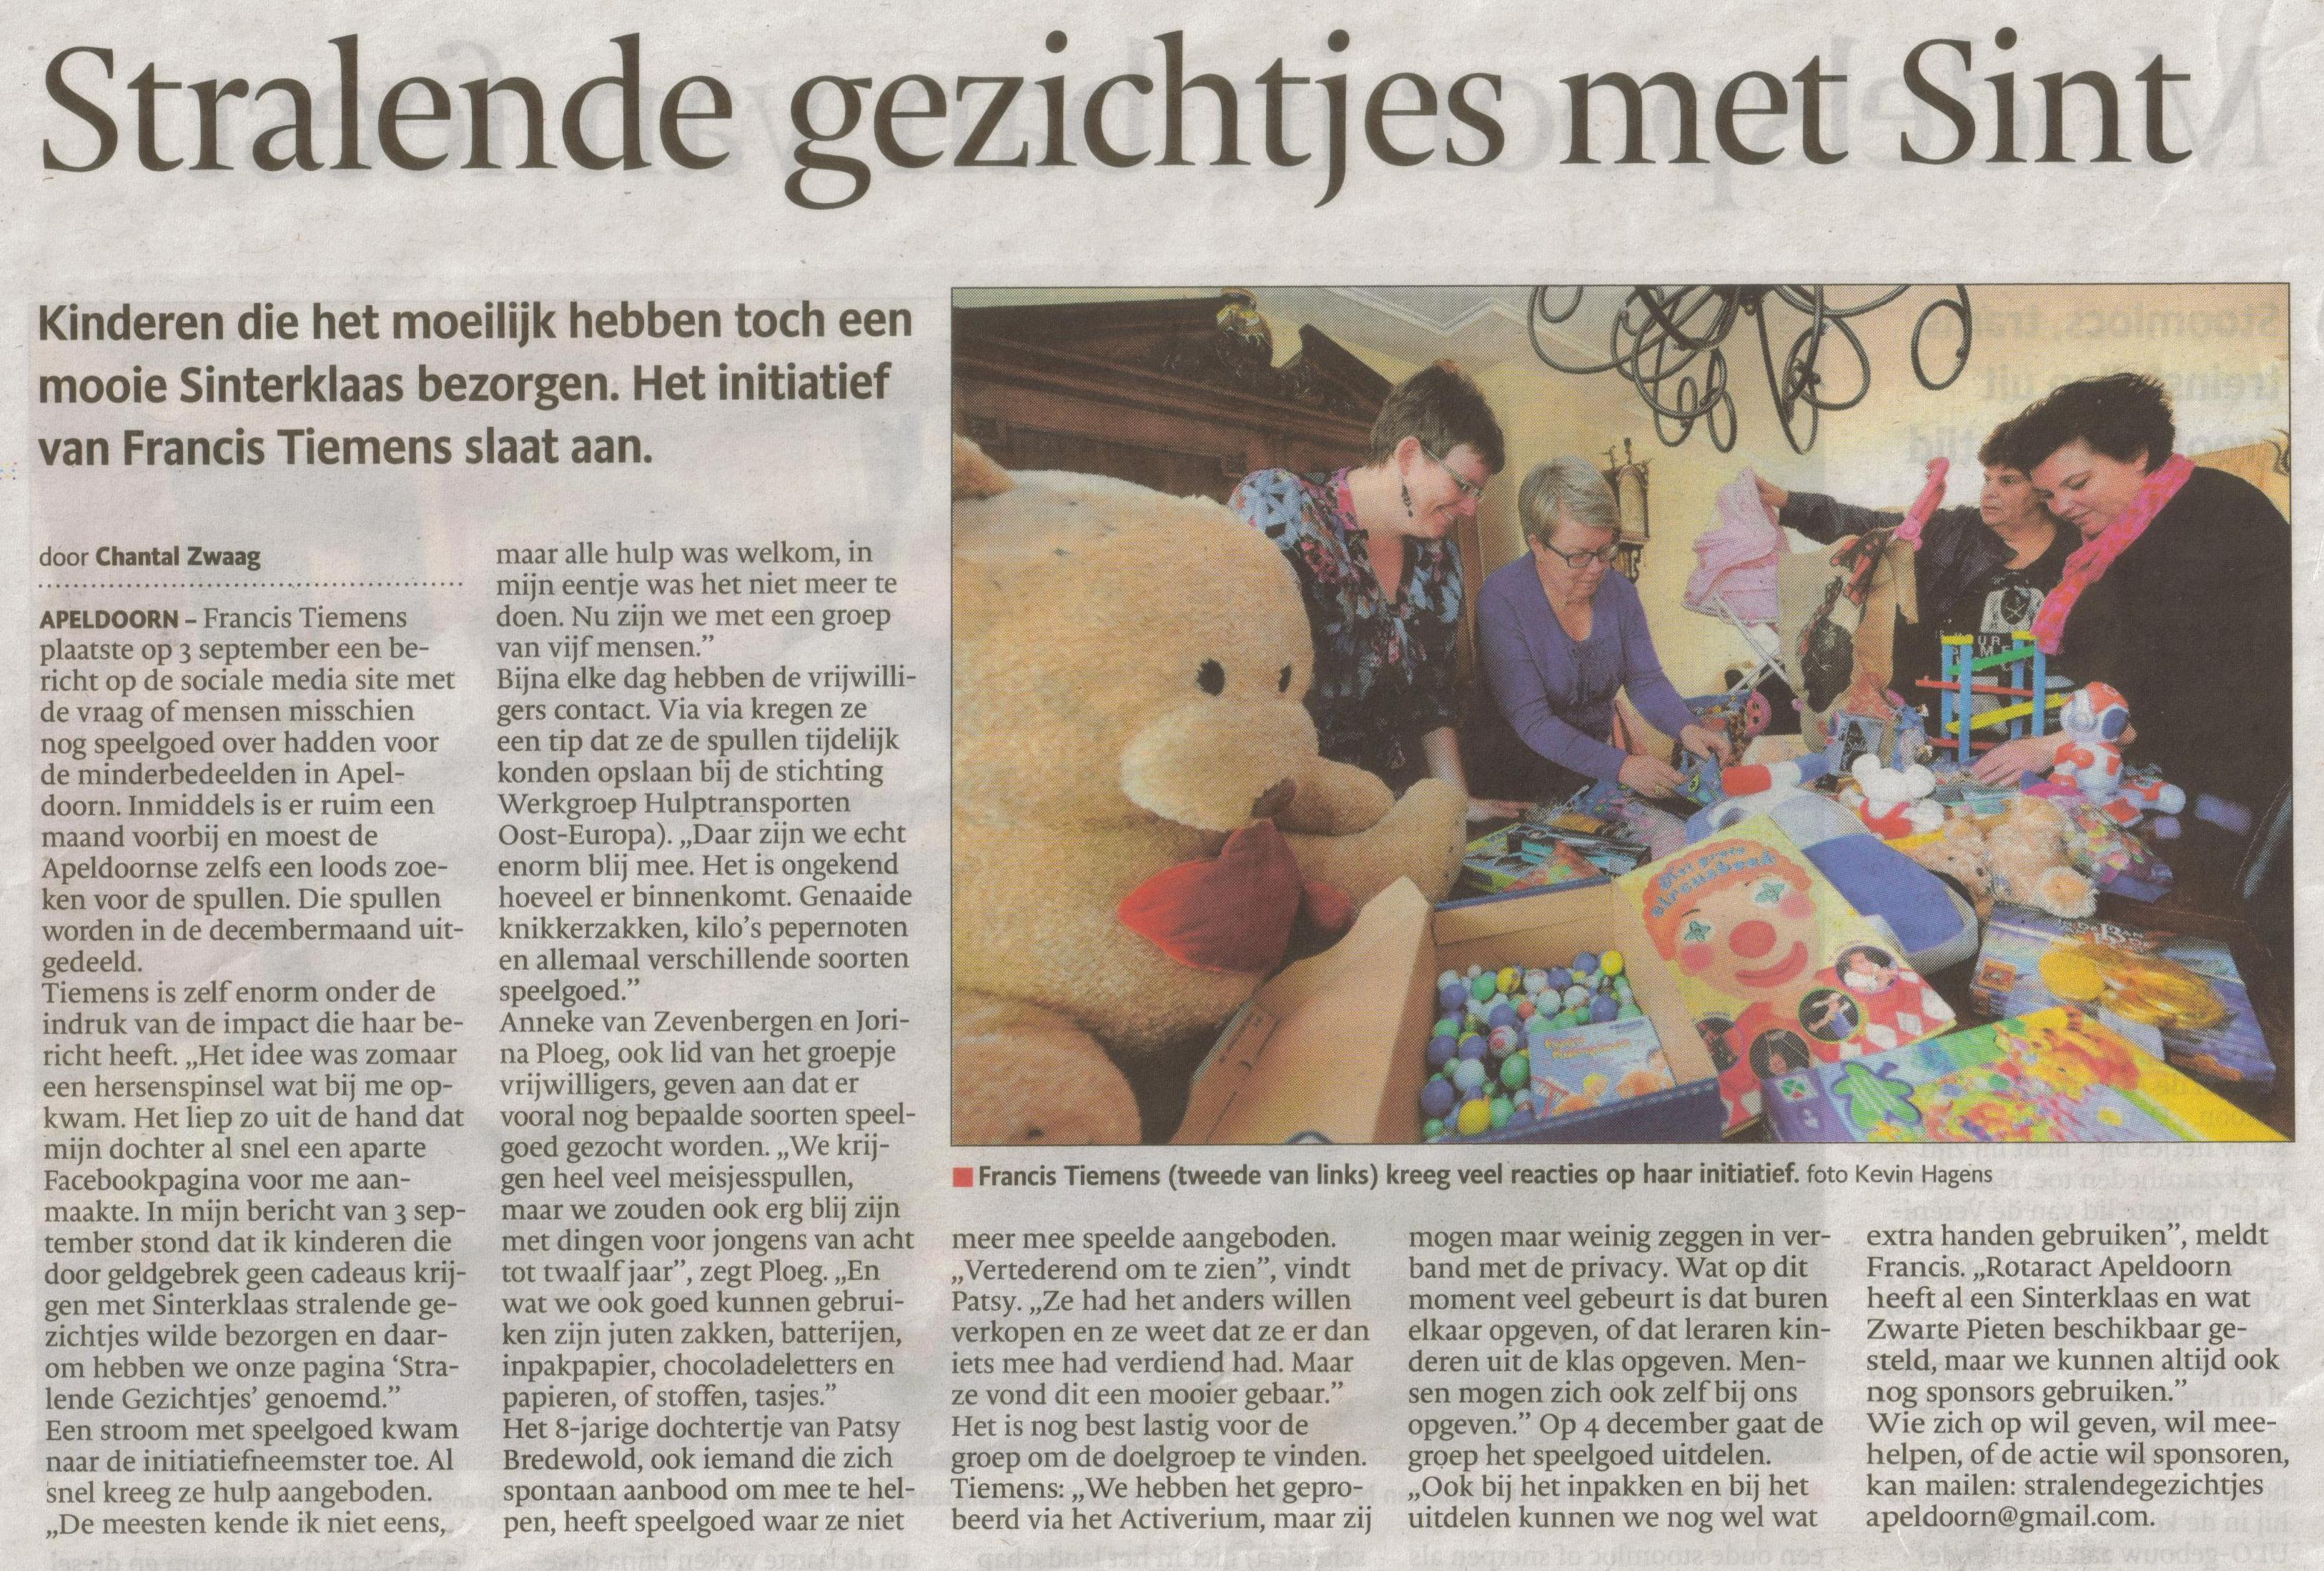 4- speelgoed voor armen- bijzondere productie- publicatiedatum 9 oktober 2013